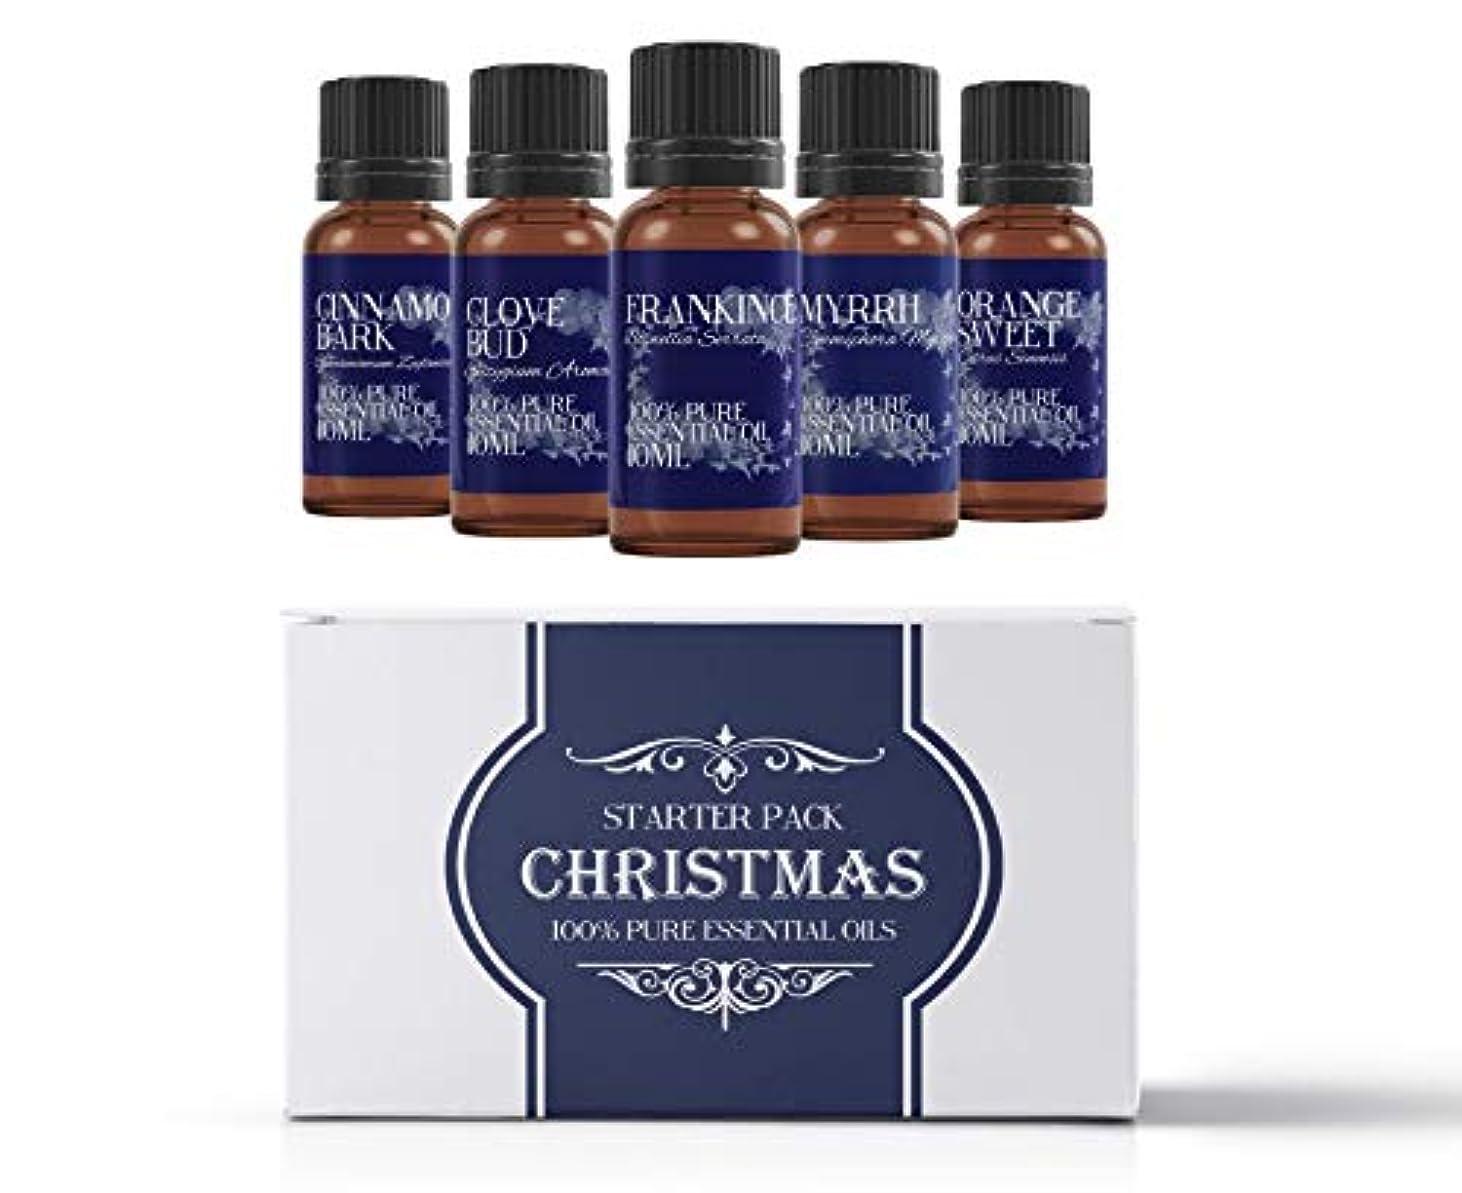 ギャロップジョリー求めるMystic Moments | Essential Oil Starter Pack - Christmas Oils - 5 x 10ml - 100% Pure